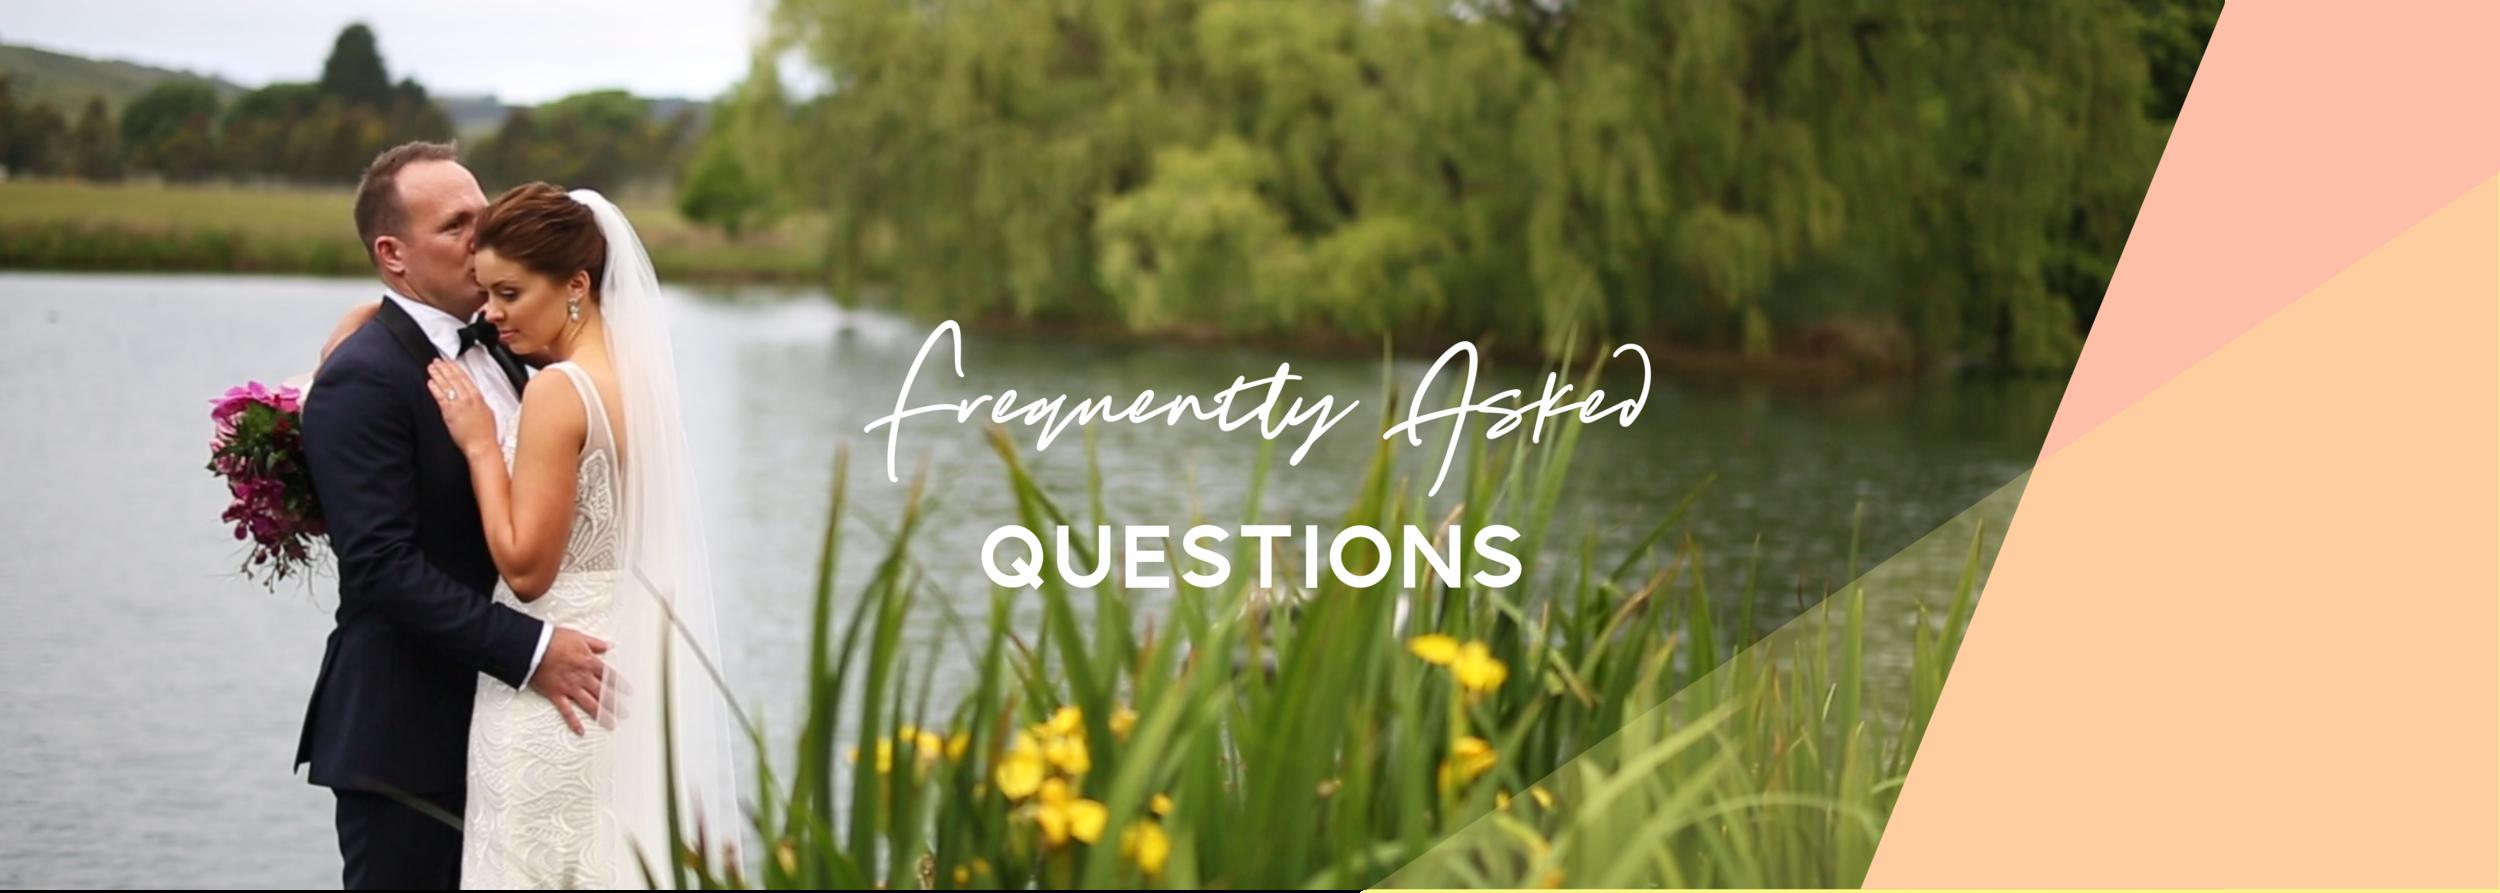 FAQ Banner 1.png